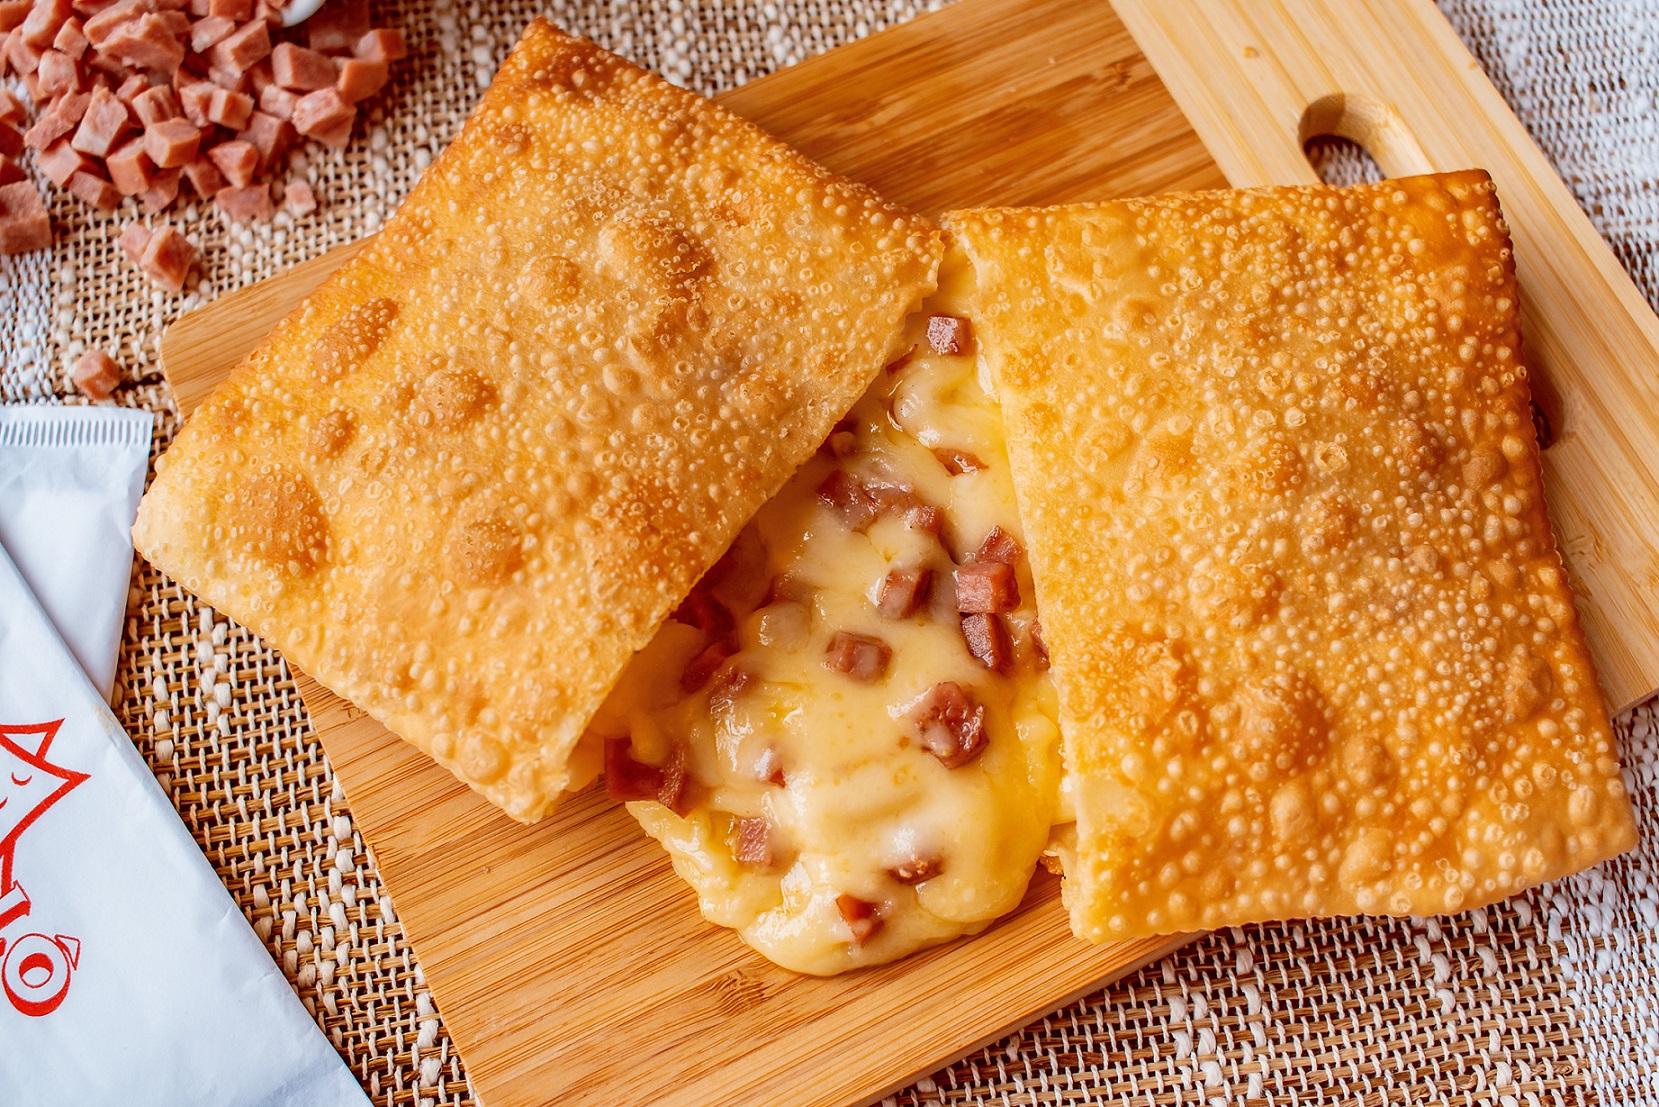 Delivery solidário: rede de pastelaria oferece frete grátis em troca de alimentos não perecíveis em 5 cidades do Paraná